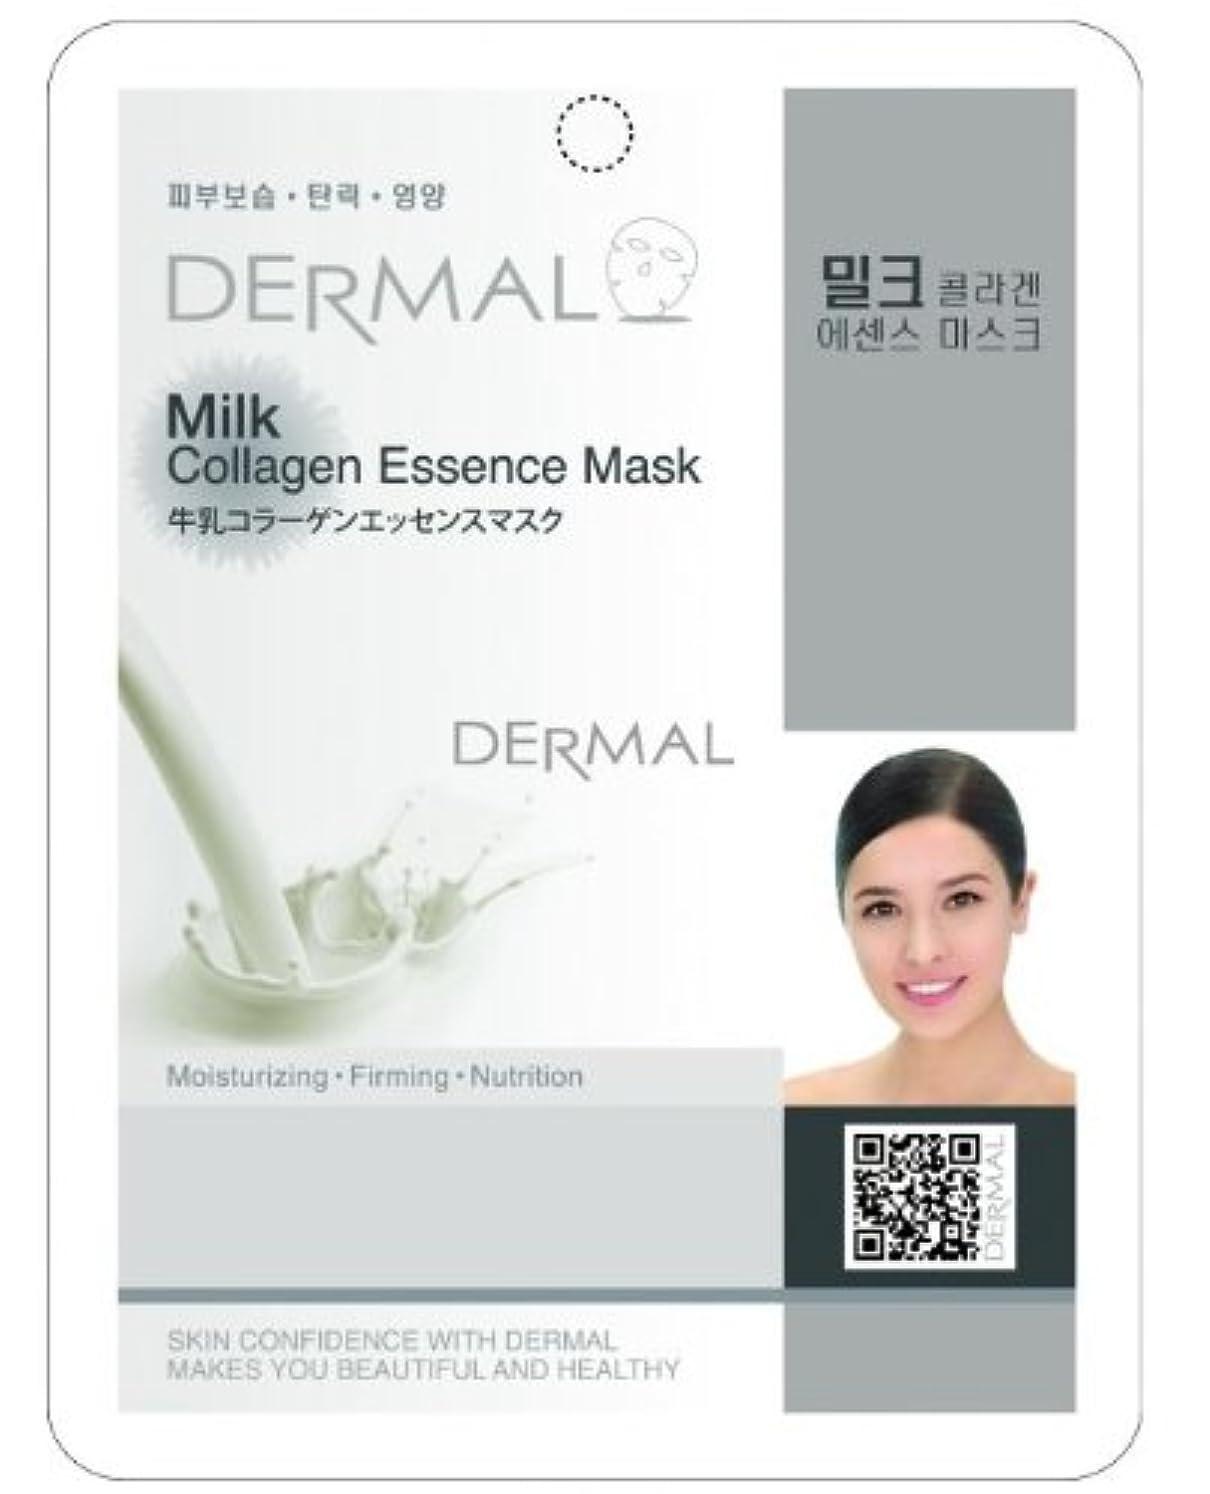 方程式属性複数ミルクシートマスク(フェイスパック) 100枚セット ダーマル(Dermal)